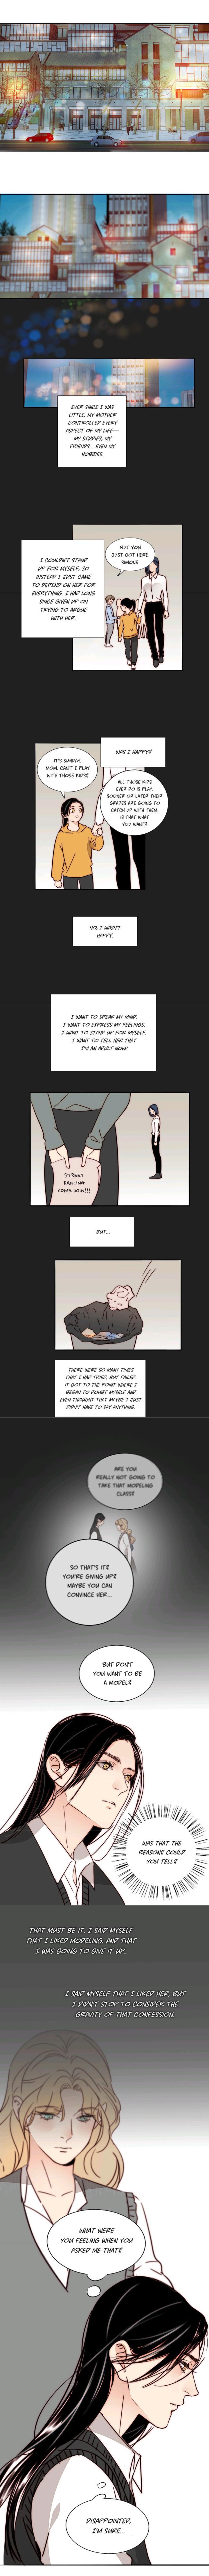 Mojito Chapter 75 page 6 - Mangakakalots.com